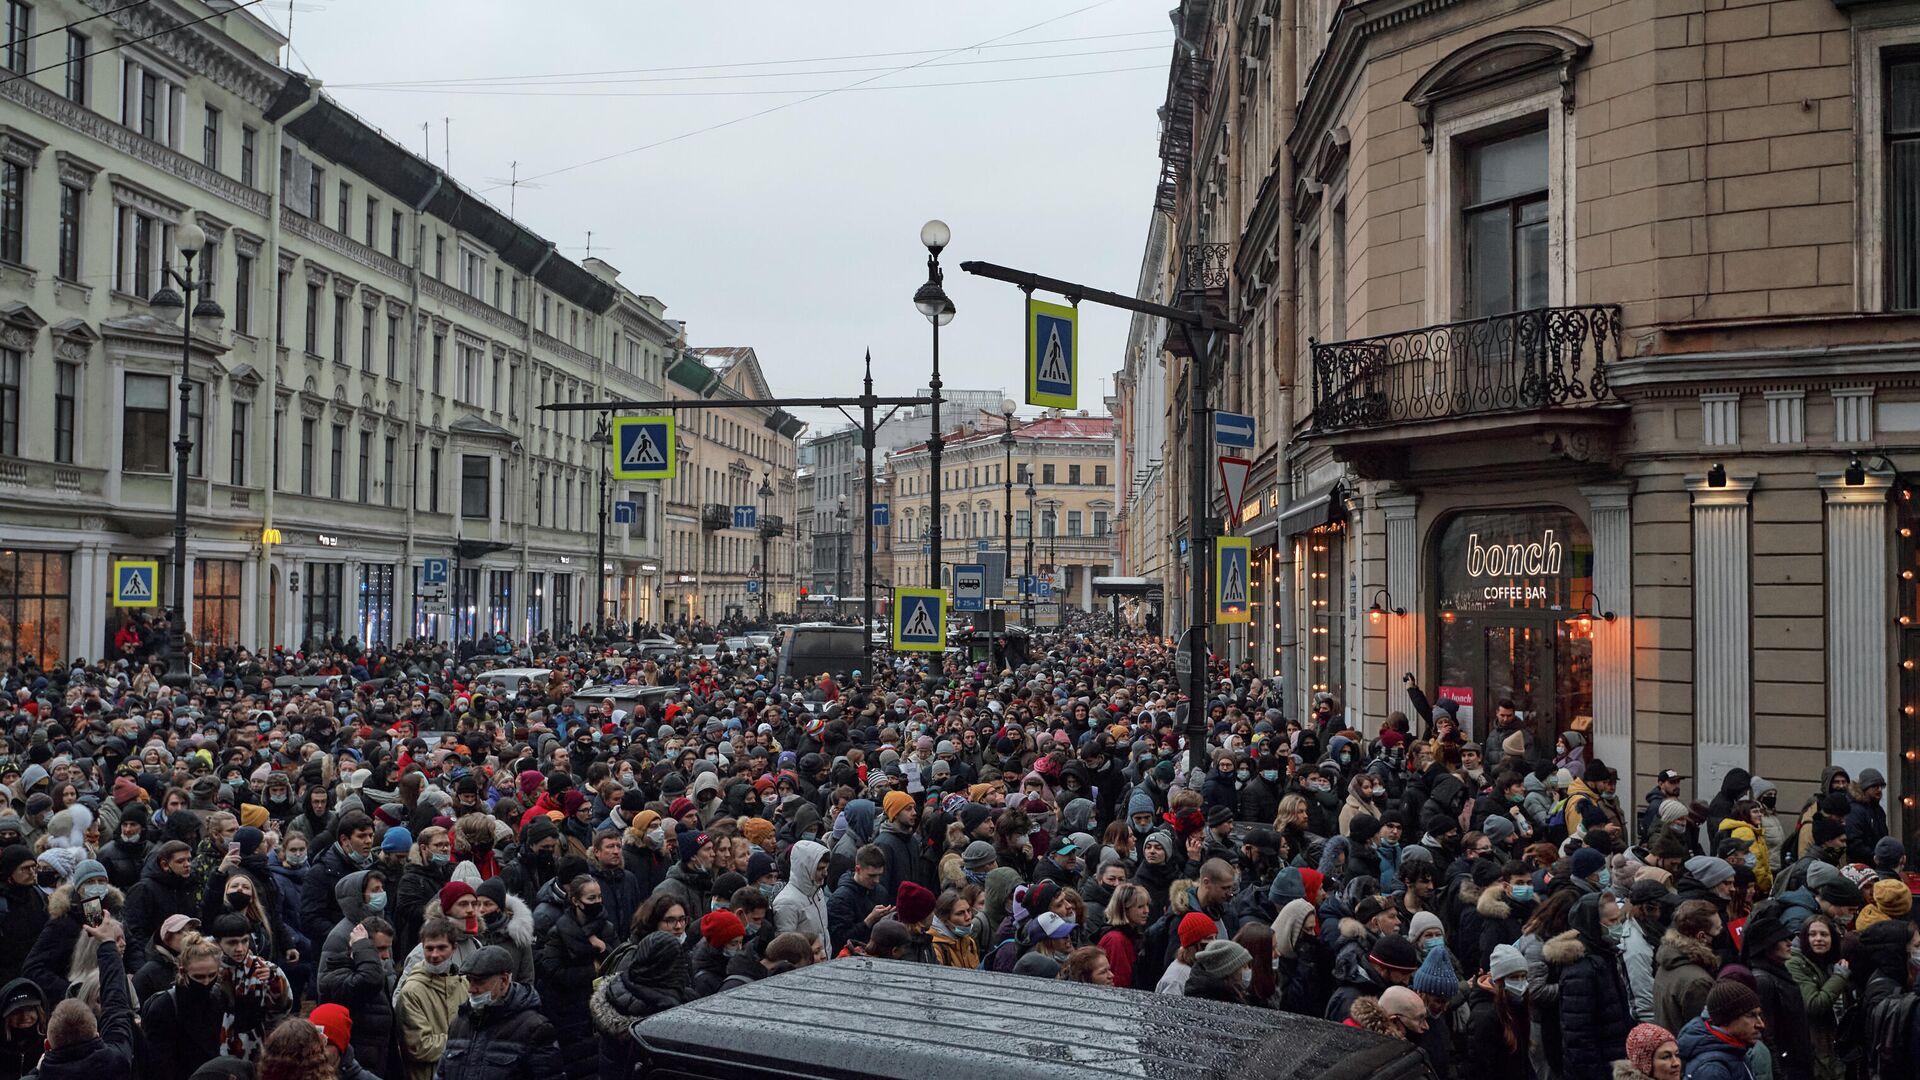 Участники несанкционированной акции сторонников Алексея Навального на Большой Морской улице в Санкт-Петербурге - РИА Новости, 1920, 23.01.2021